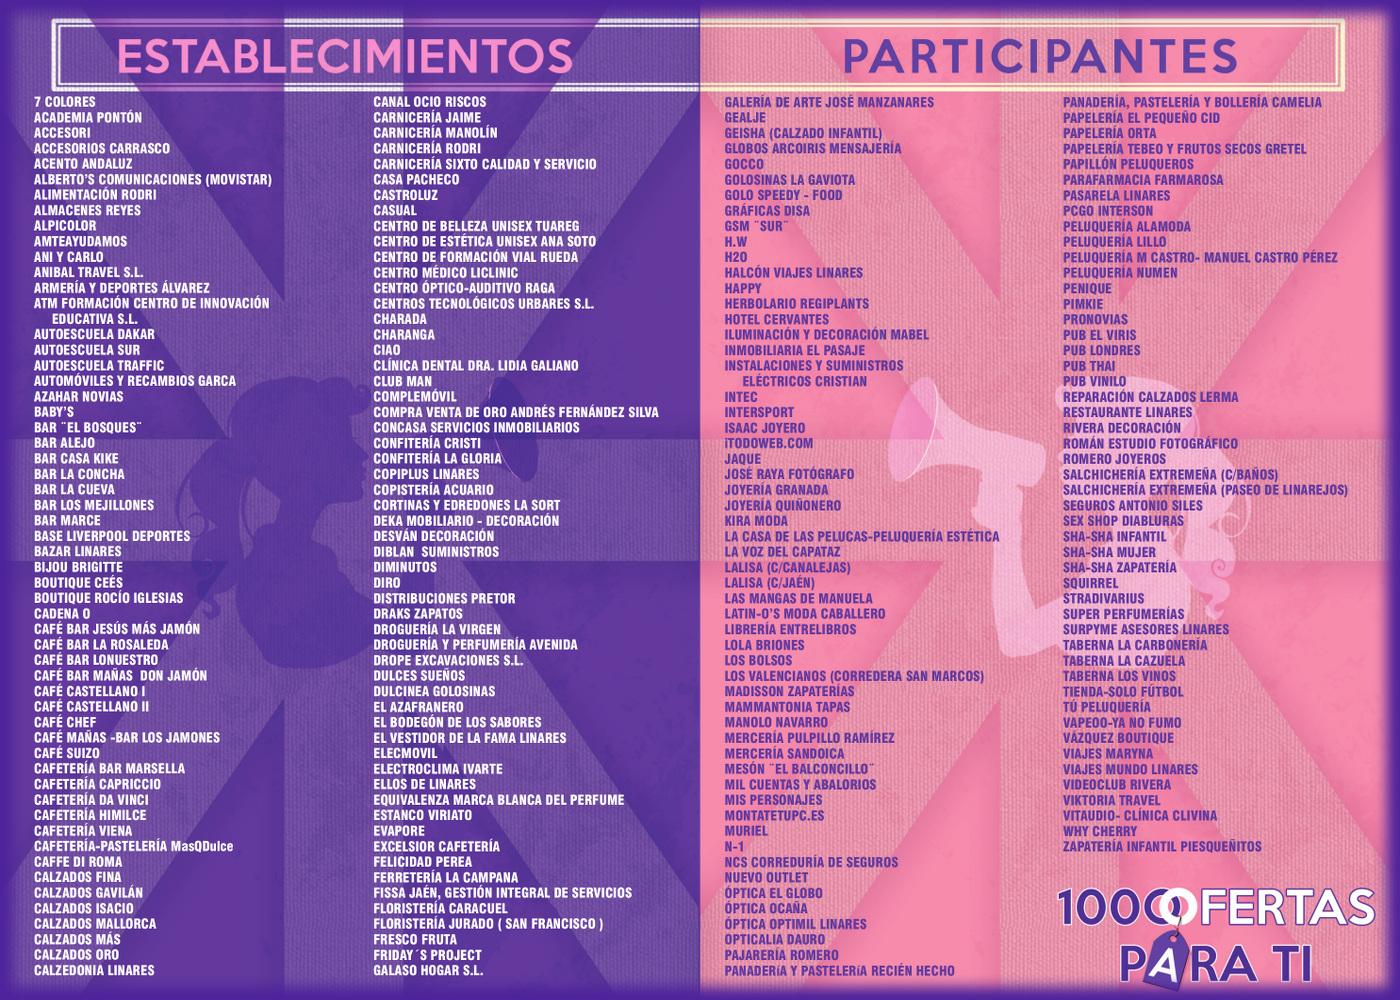 Establecimientos-participantes-Mil-Ofertas-Primavera-2014